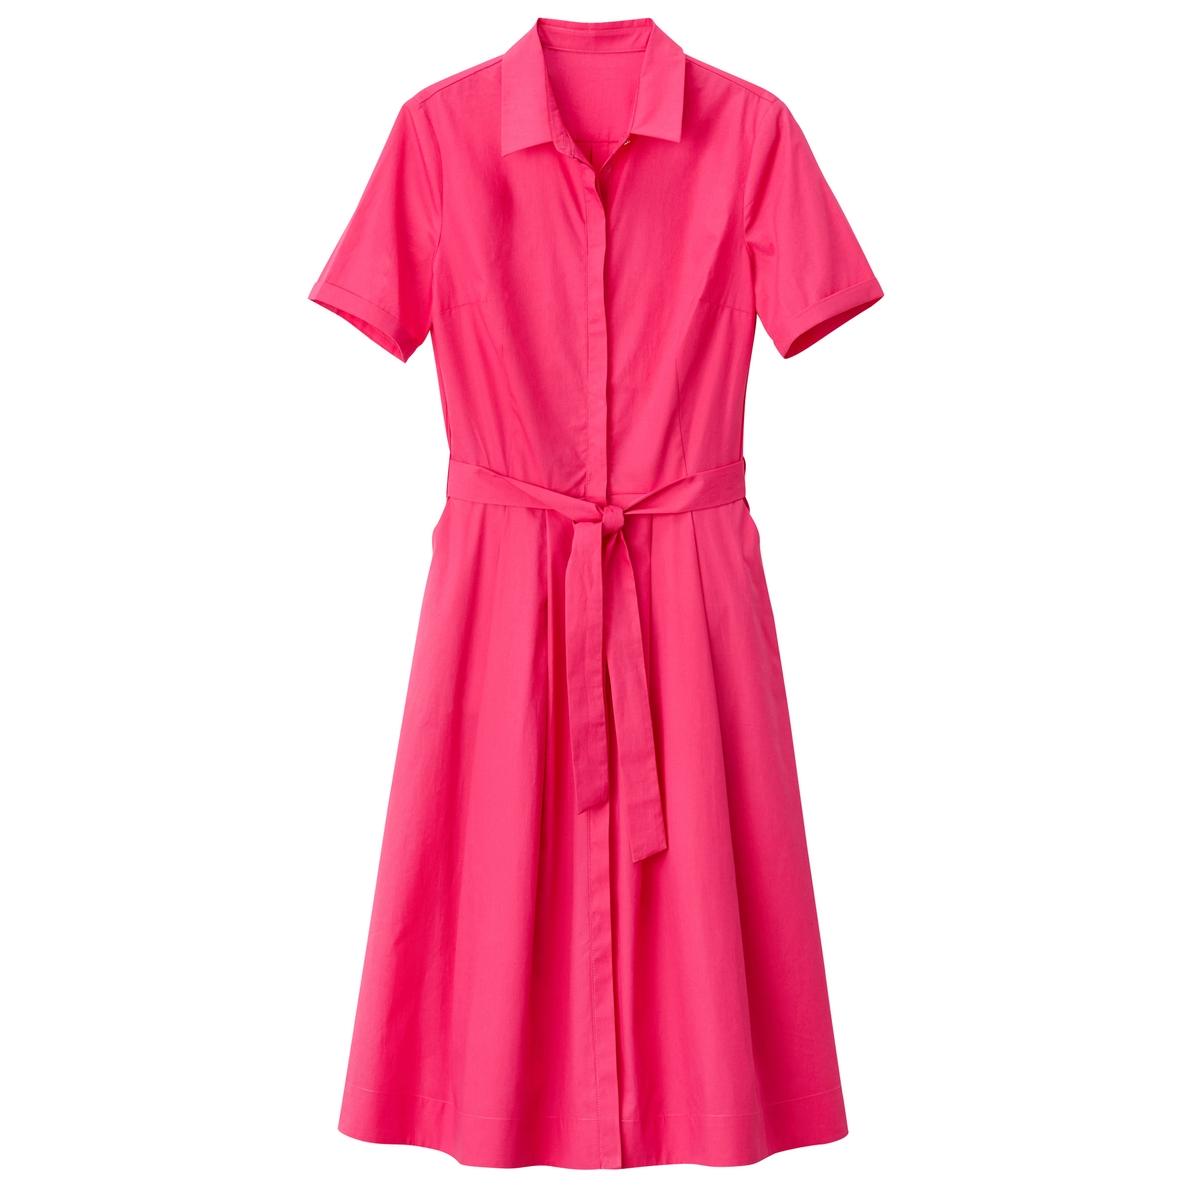 Купить со скидкой Платье-рубашка расклешенное с поясом